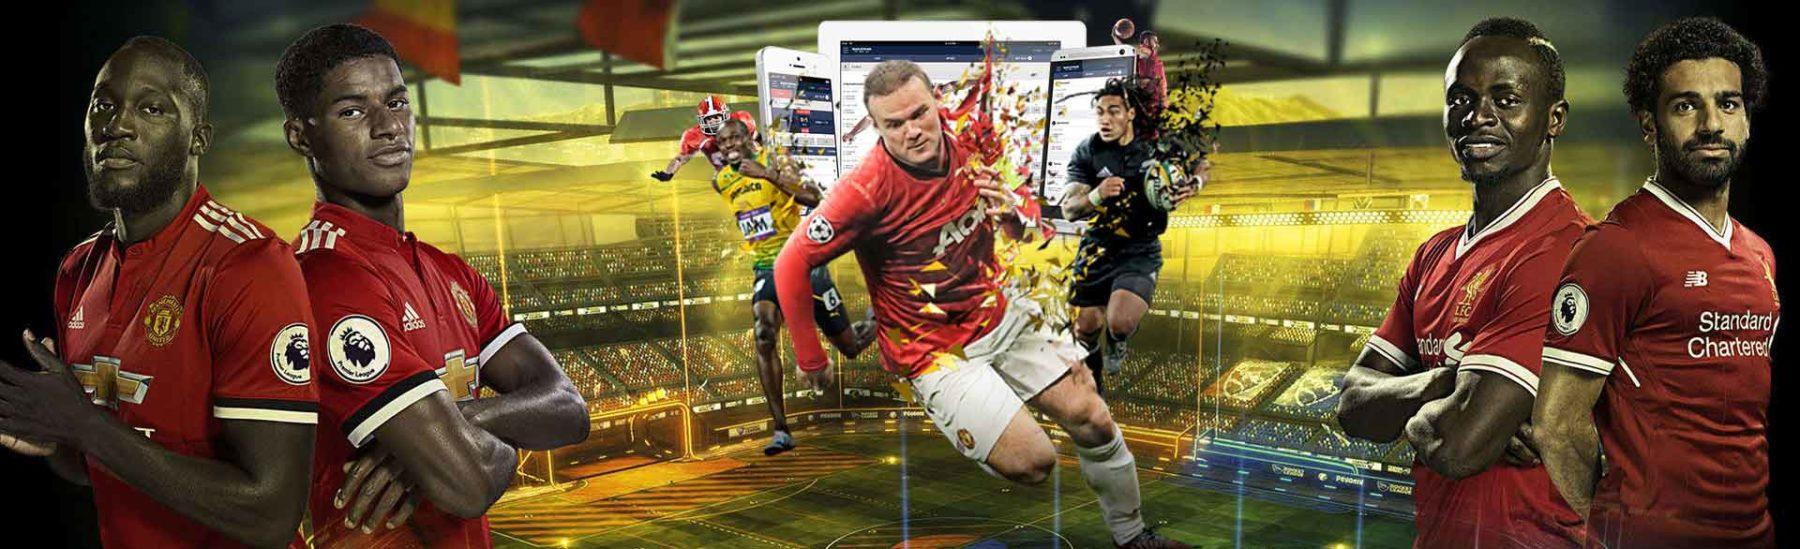 สมัครแทงบอลผ่านมือถือแนะนำวิธี แทงบอล ผ่าน app แทงบอล 24 ชั่วโมง